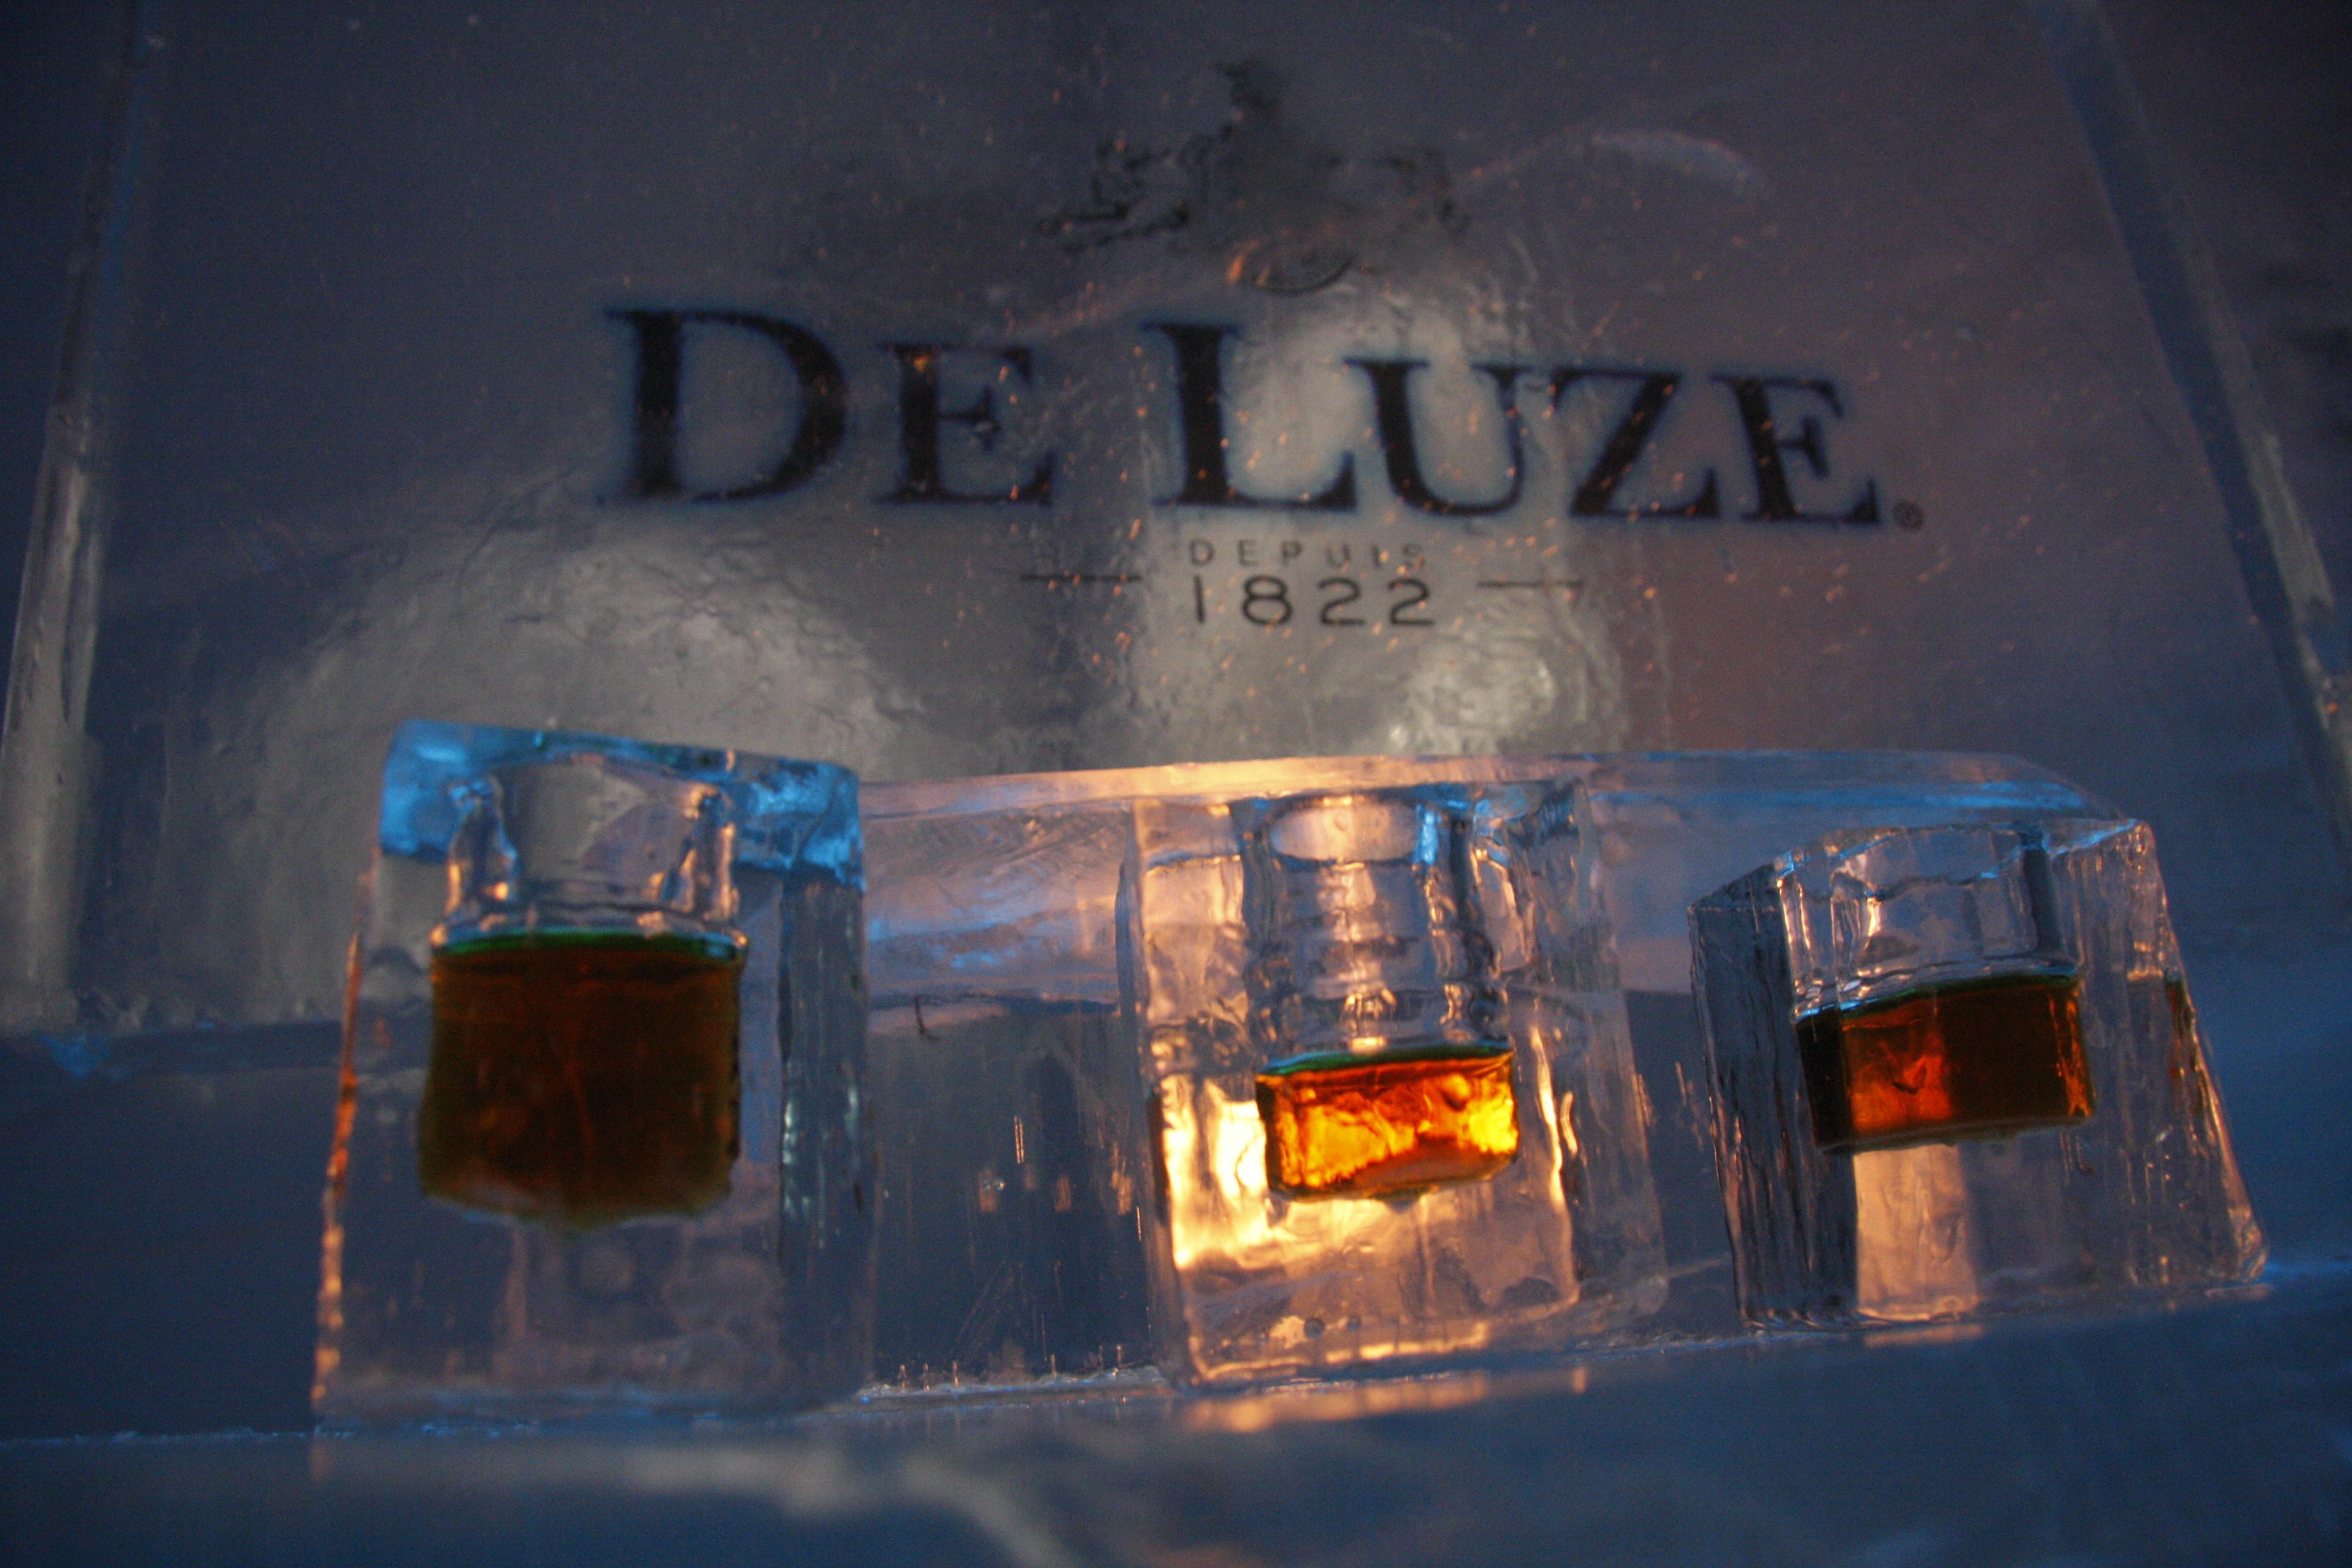 De Luze Bar